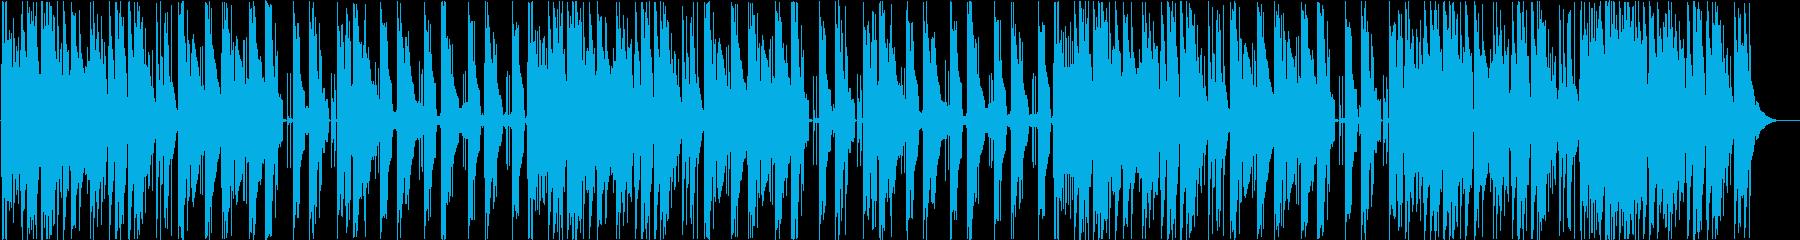 アジアテイストのトラップの再生済みの波形